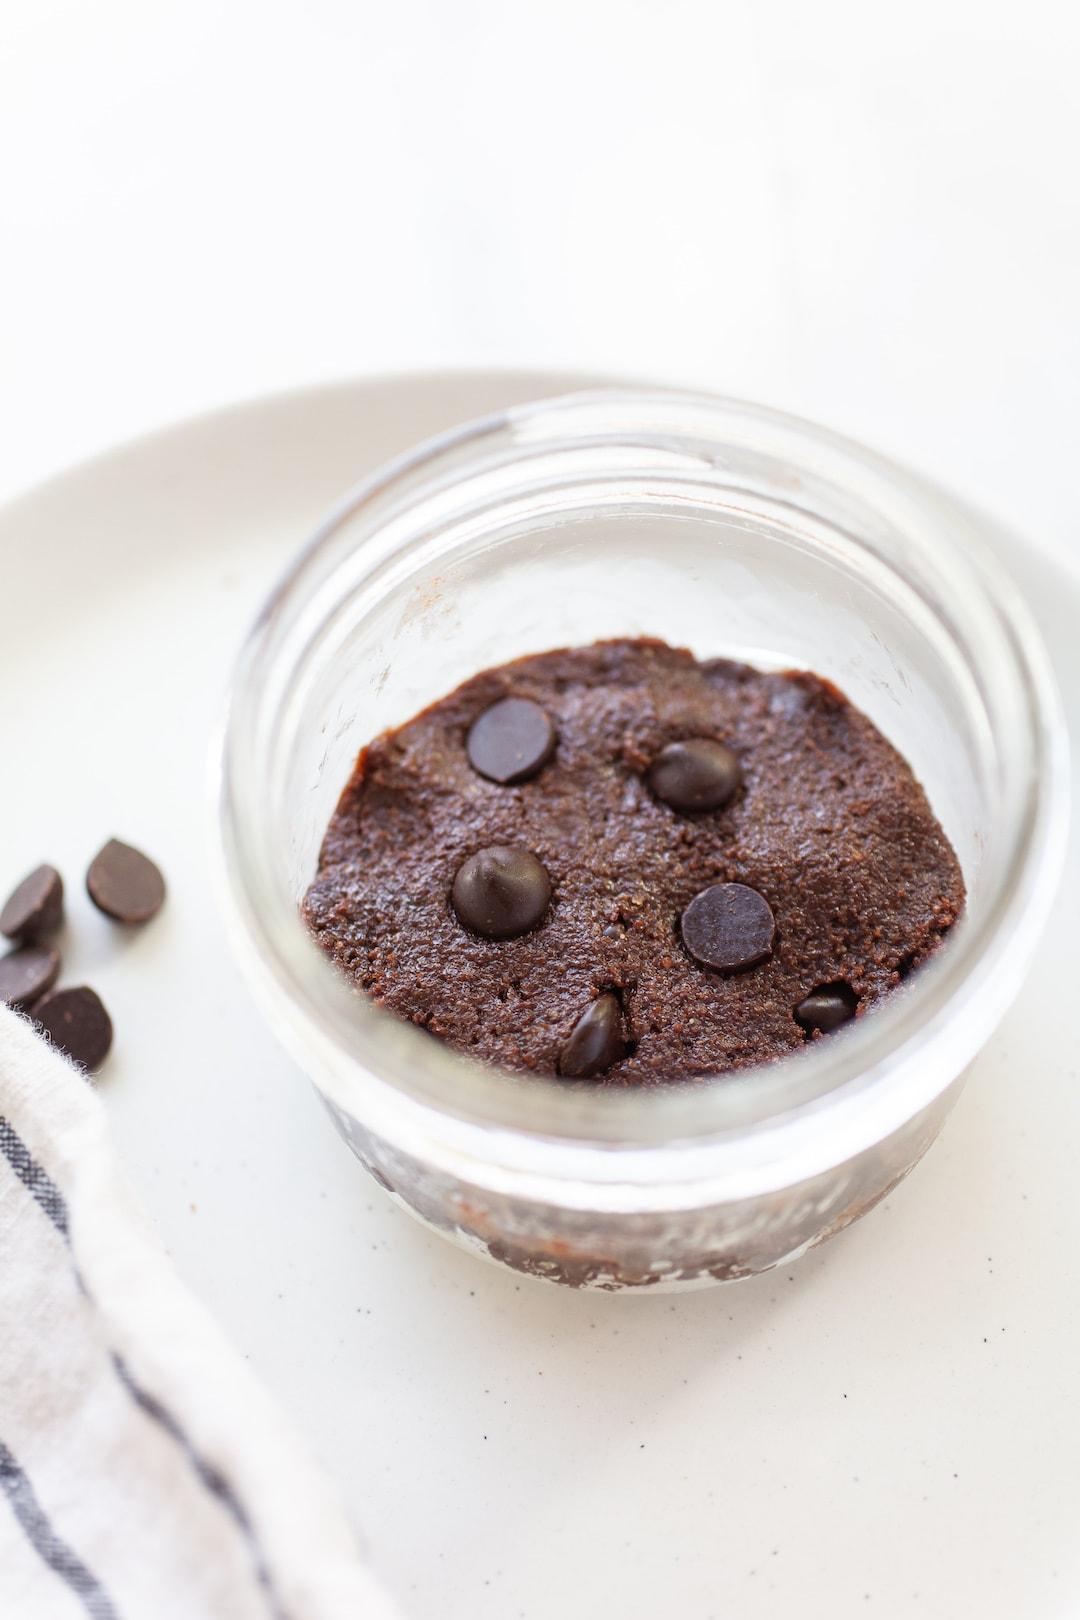 unbaked vegan mug brownie batter in a jar